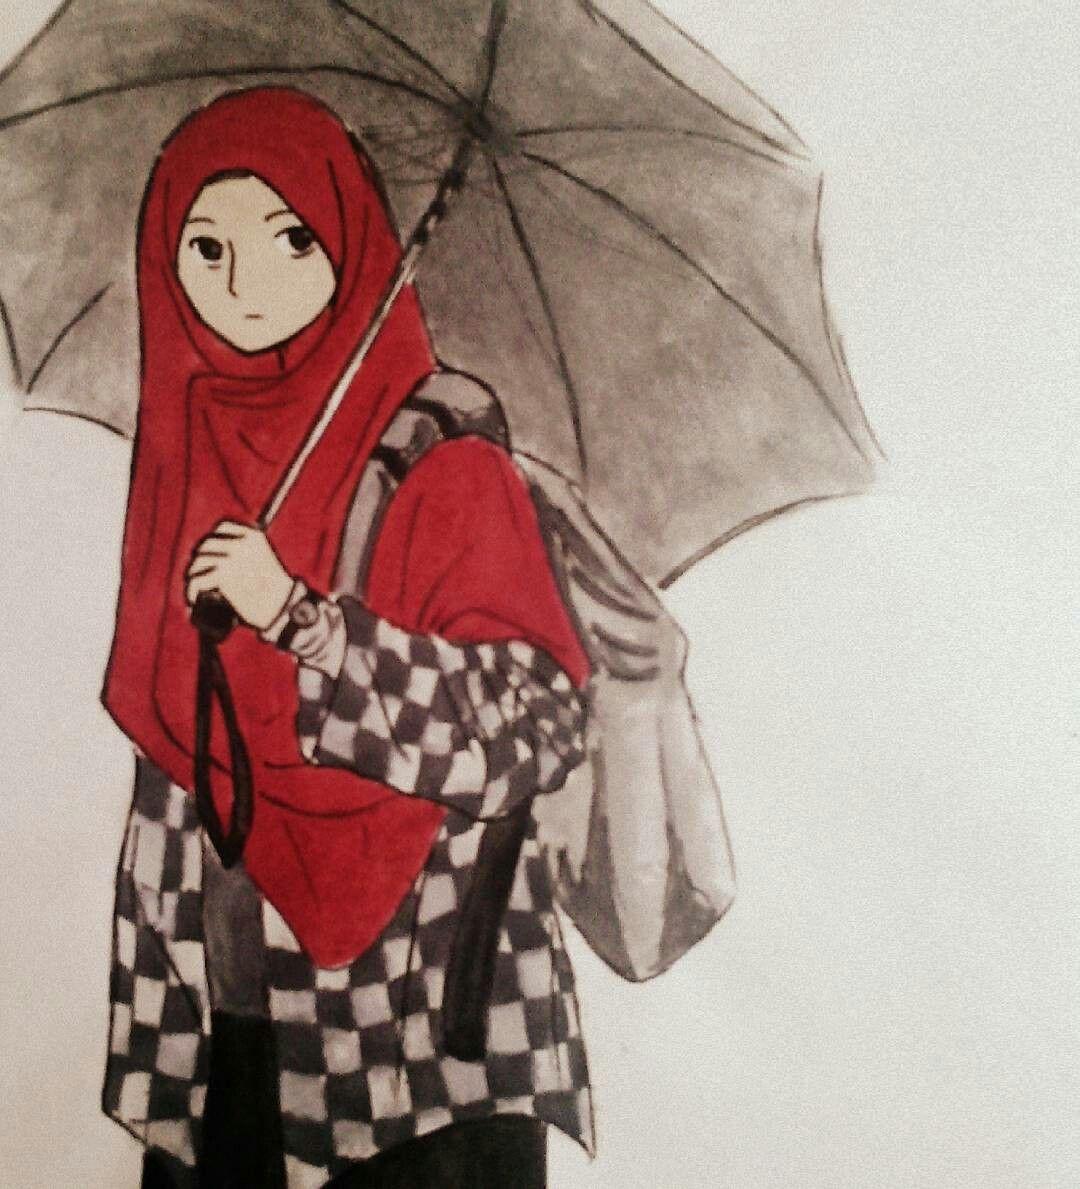 Pin oleh س di Muslim anime Kartun, Ilustrasi lucu